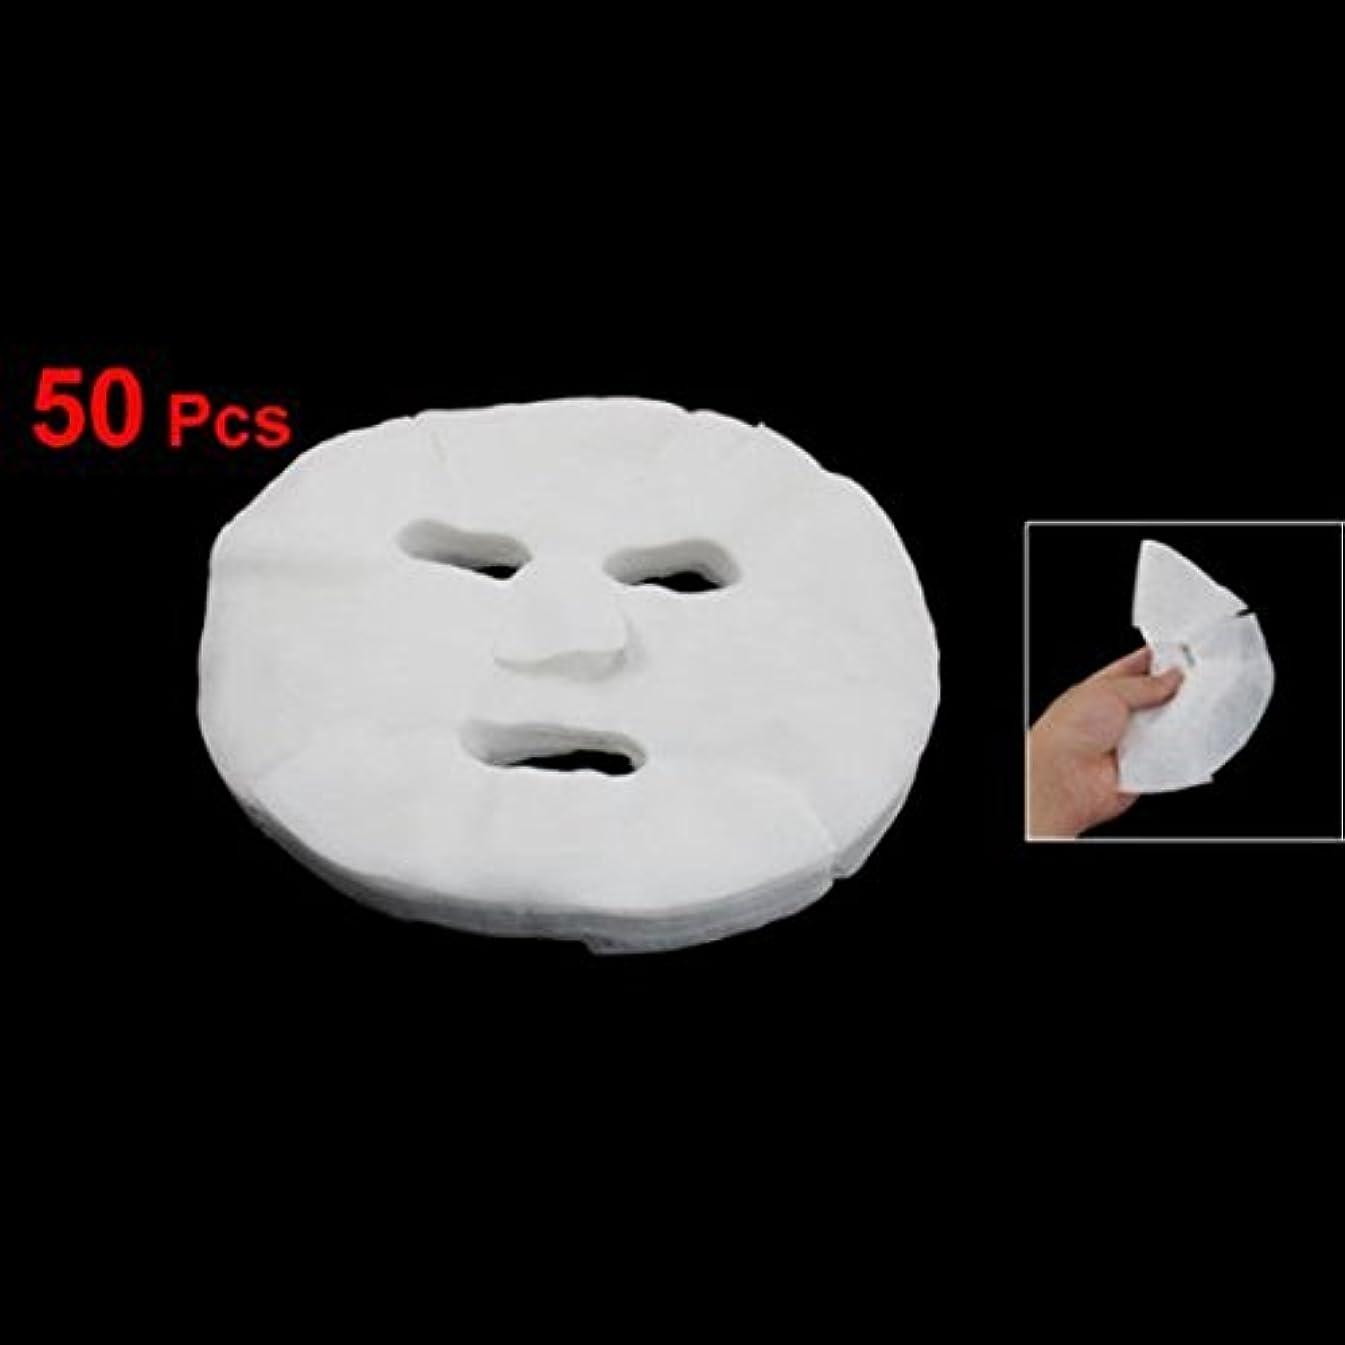 神話差別化する削るRETYLY RETYLY(R)50pcs女性の化粧品拡大コットンフェイシャルマスクシート